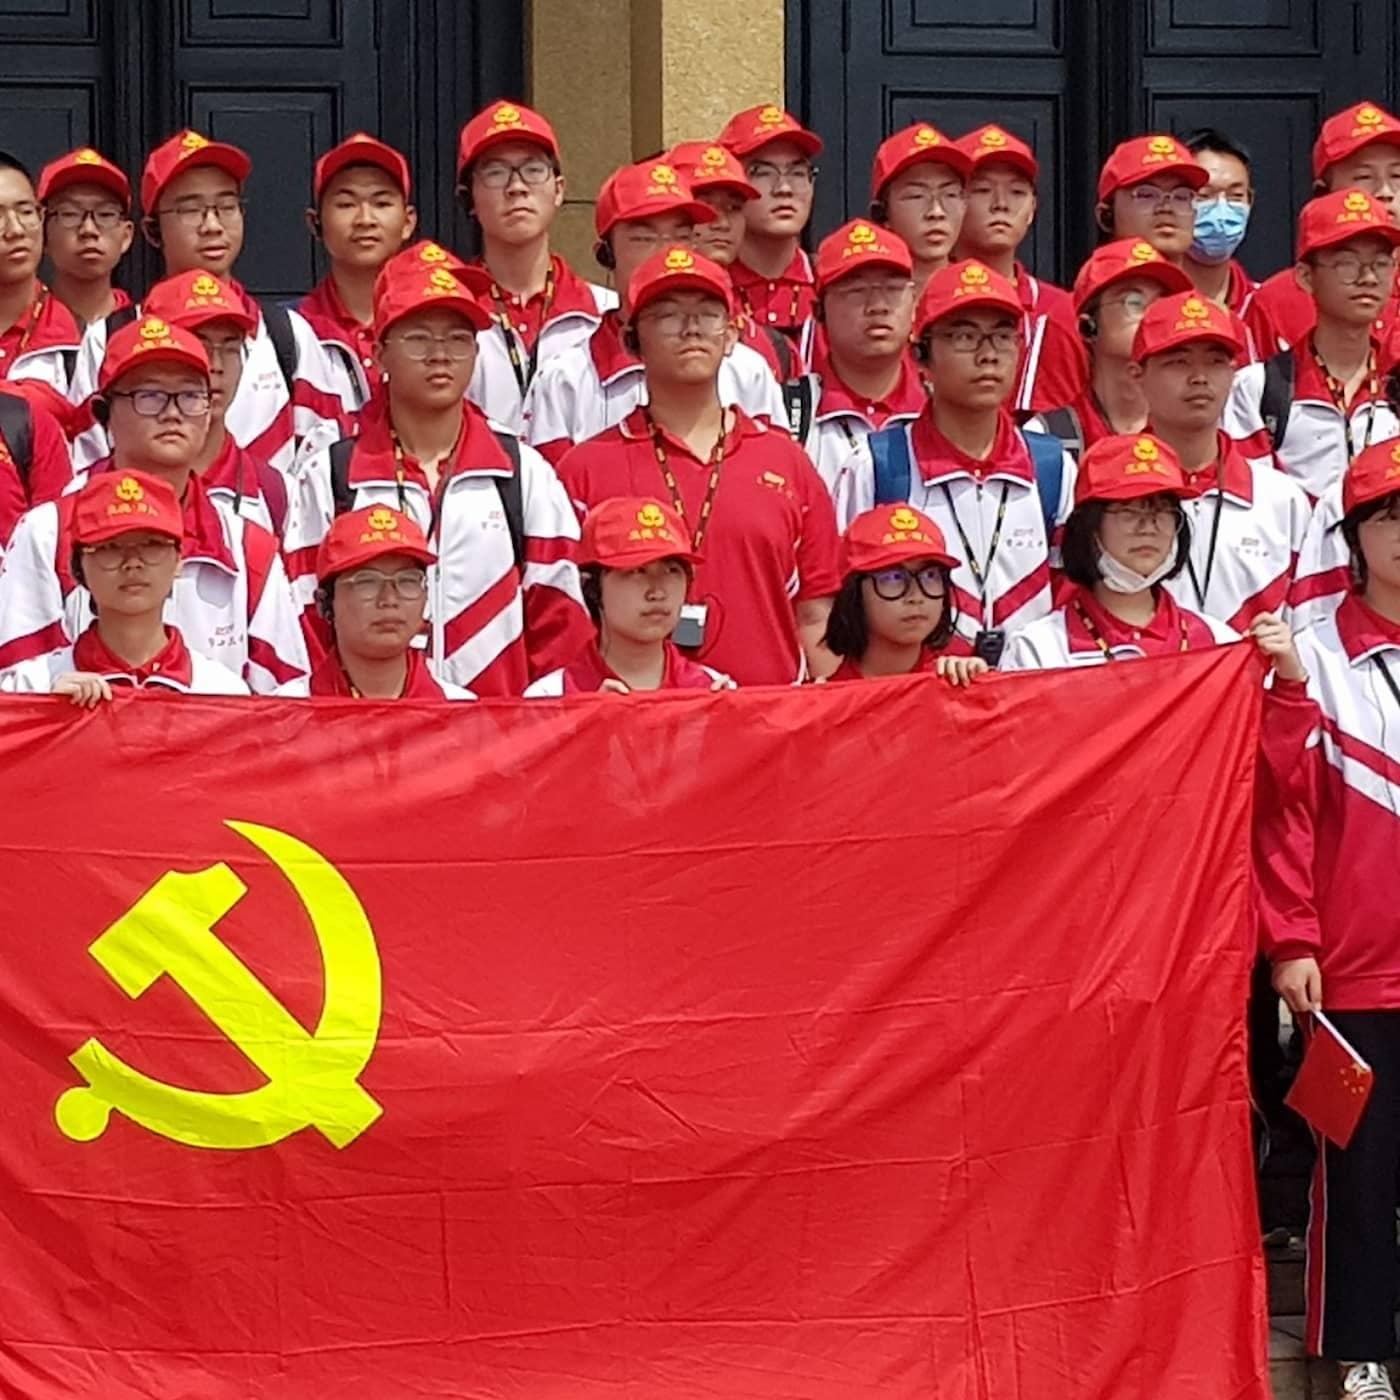 Världens mäktigaste parti